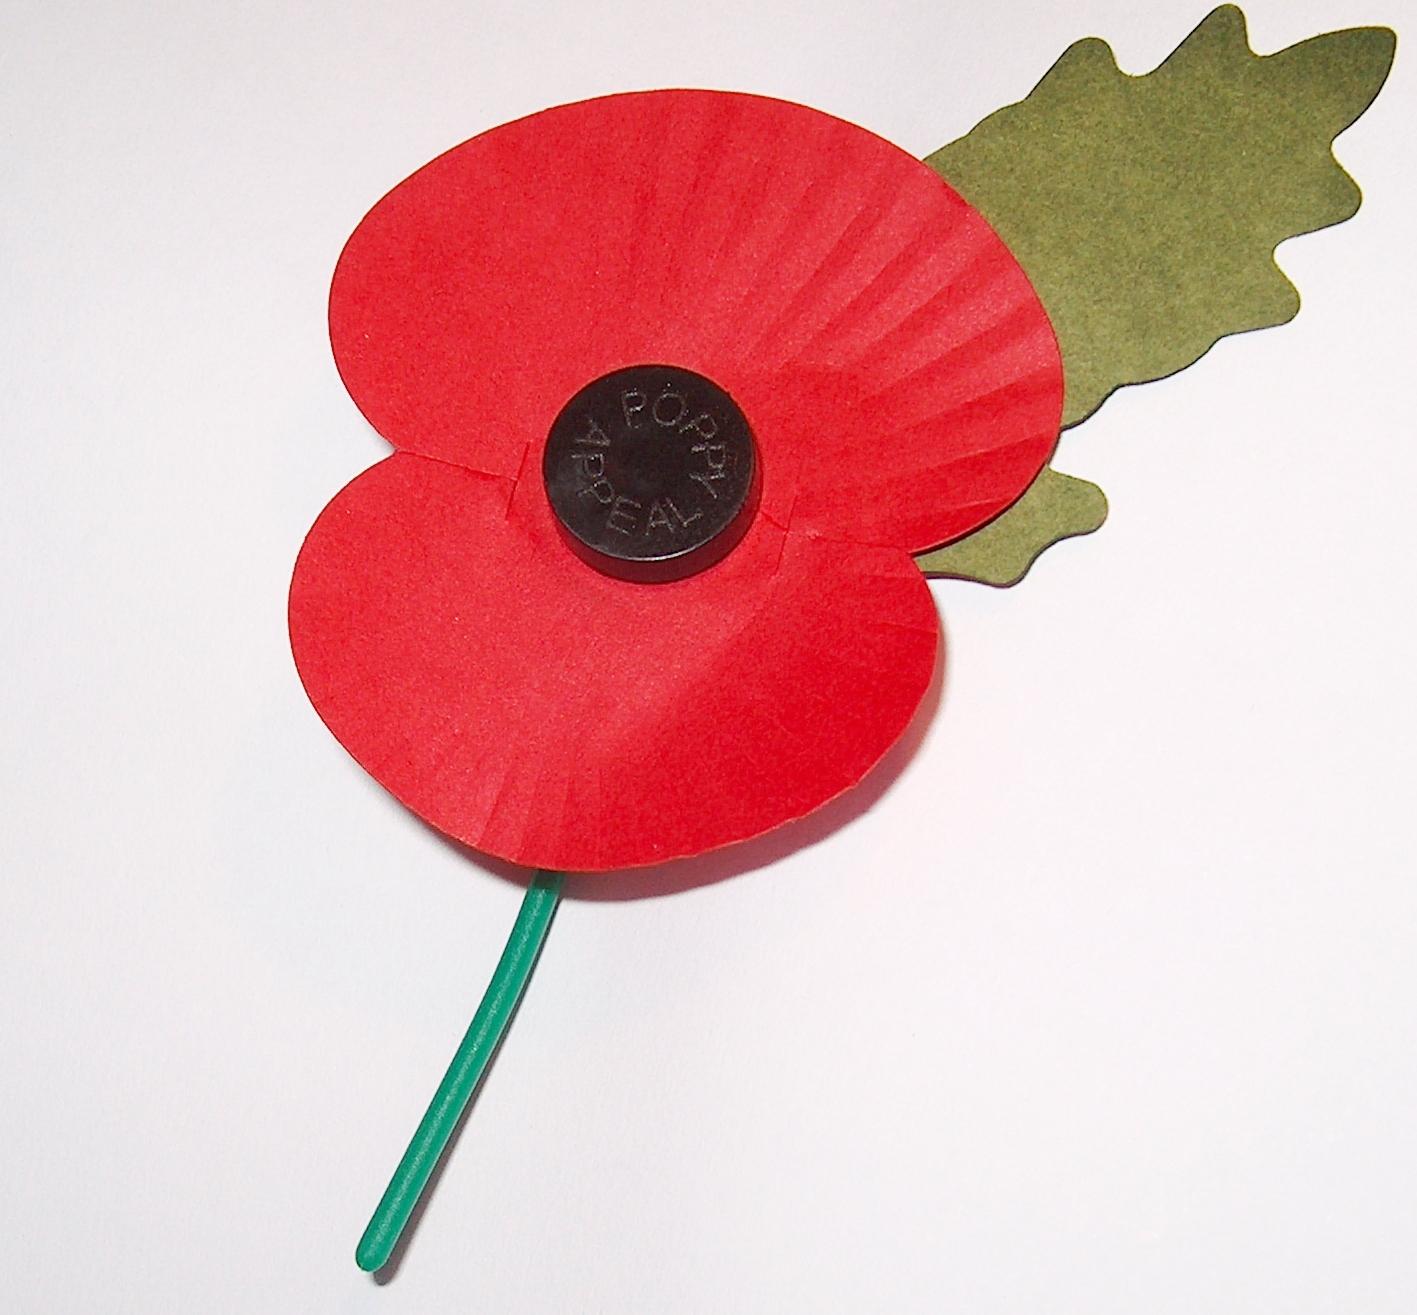 A Royal British Legion jótékonysági szervezet pipacsa, amit november 11-re gyártanak. Forrás: Wikimedia Commons